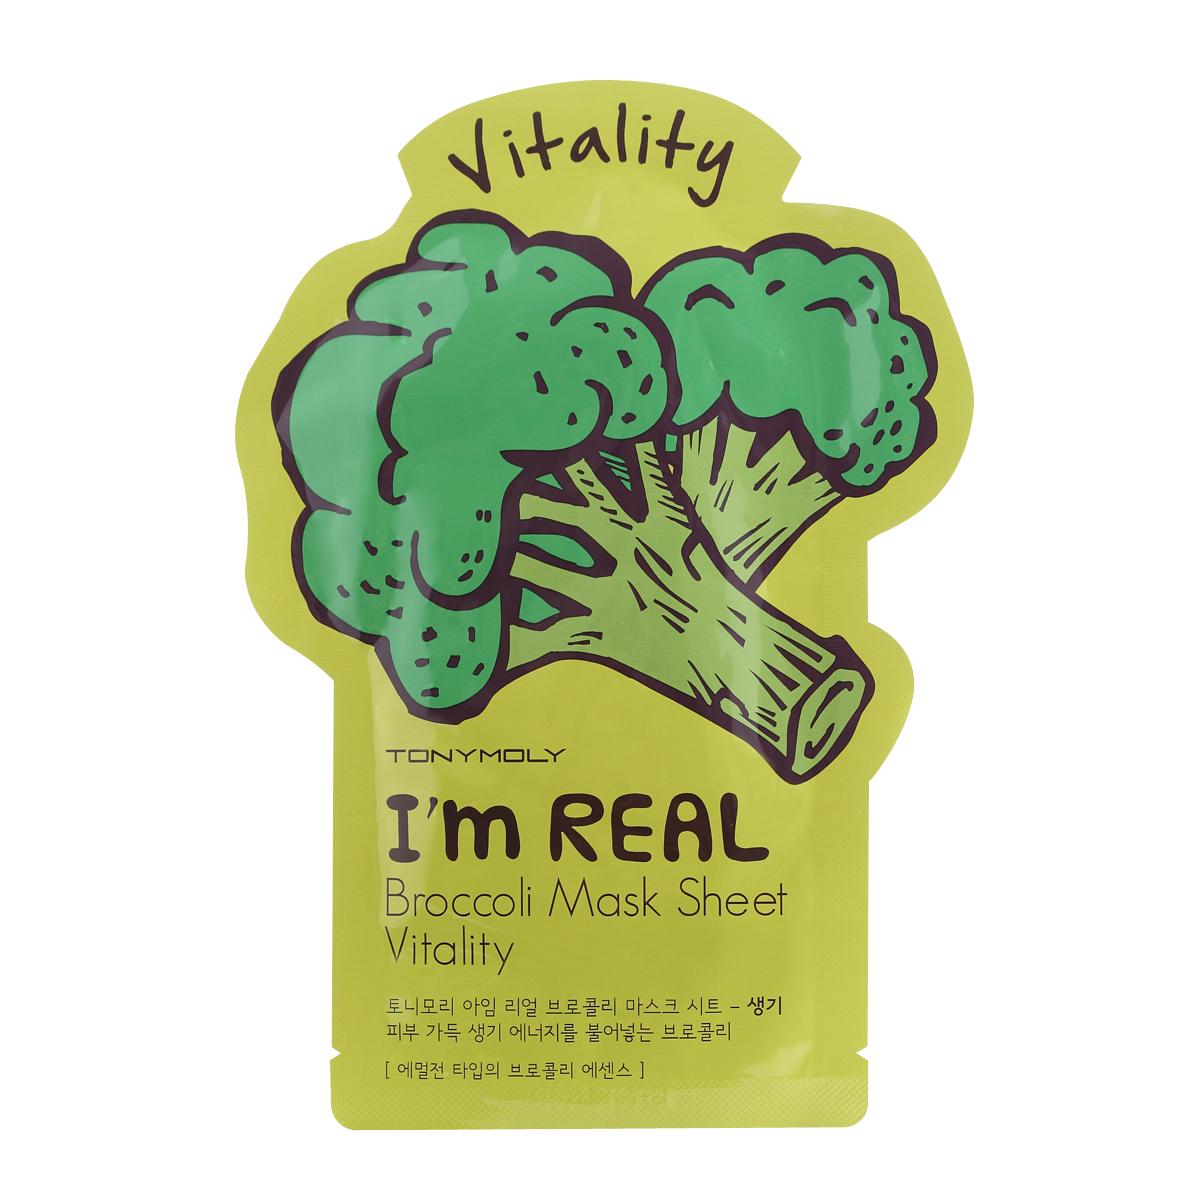 TonyMolyТканевая маска с экстрактом брокколи Im Real Broccoli Mask Sheet, 21 млБ63003 мятаТканевая маска для тонизирования лица с экстрактом брокколи Tony Moly Im Real Broccoli Mask Sheet плотно прилегает к коже и обеспечивает глубокое и интенсивное питание и увлажнение. Маска состоит из 100% хлопка, не содержит парабенов, искусственных красителей и талька. Экстракт брокколи содержит большое количество антиоксидантов, витаминов и минералов, которые защищают кожу от негативного воздействия внешних факторов окружающей среды, придают сияние и выравнивают тон кожи. Применение маски улучшает регенерацию клеток кожи, способствует омоложению и разглаживанию морщин. Применяется для всех типов кожи. Марка Tony Moly чаще всего размещает на упаковке (внизу или наверху на спайке двух сторон упаковки, на дне банки, на тубе сбоку) дату изготовления в формате: год/месяц/дата.